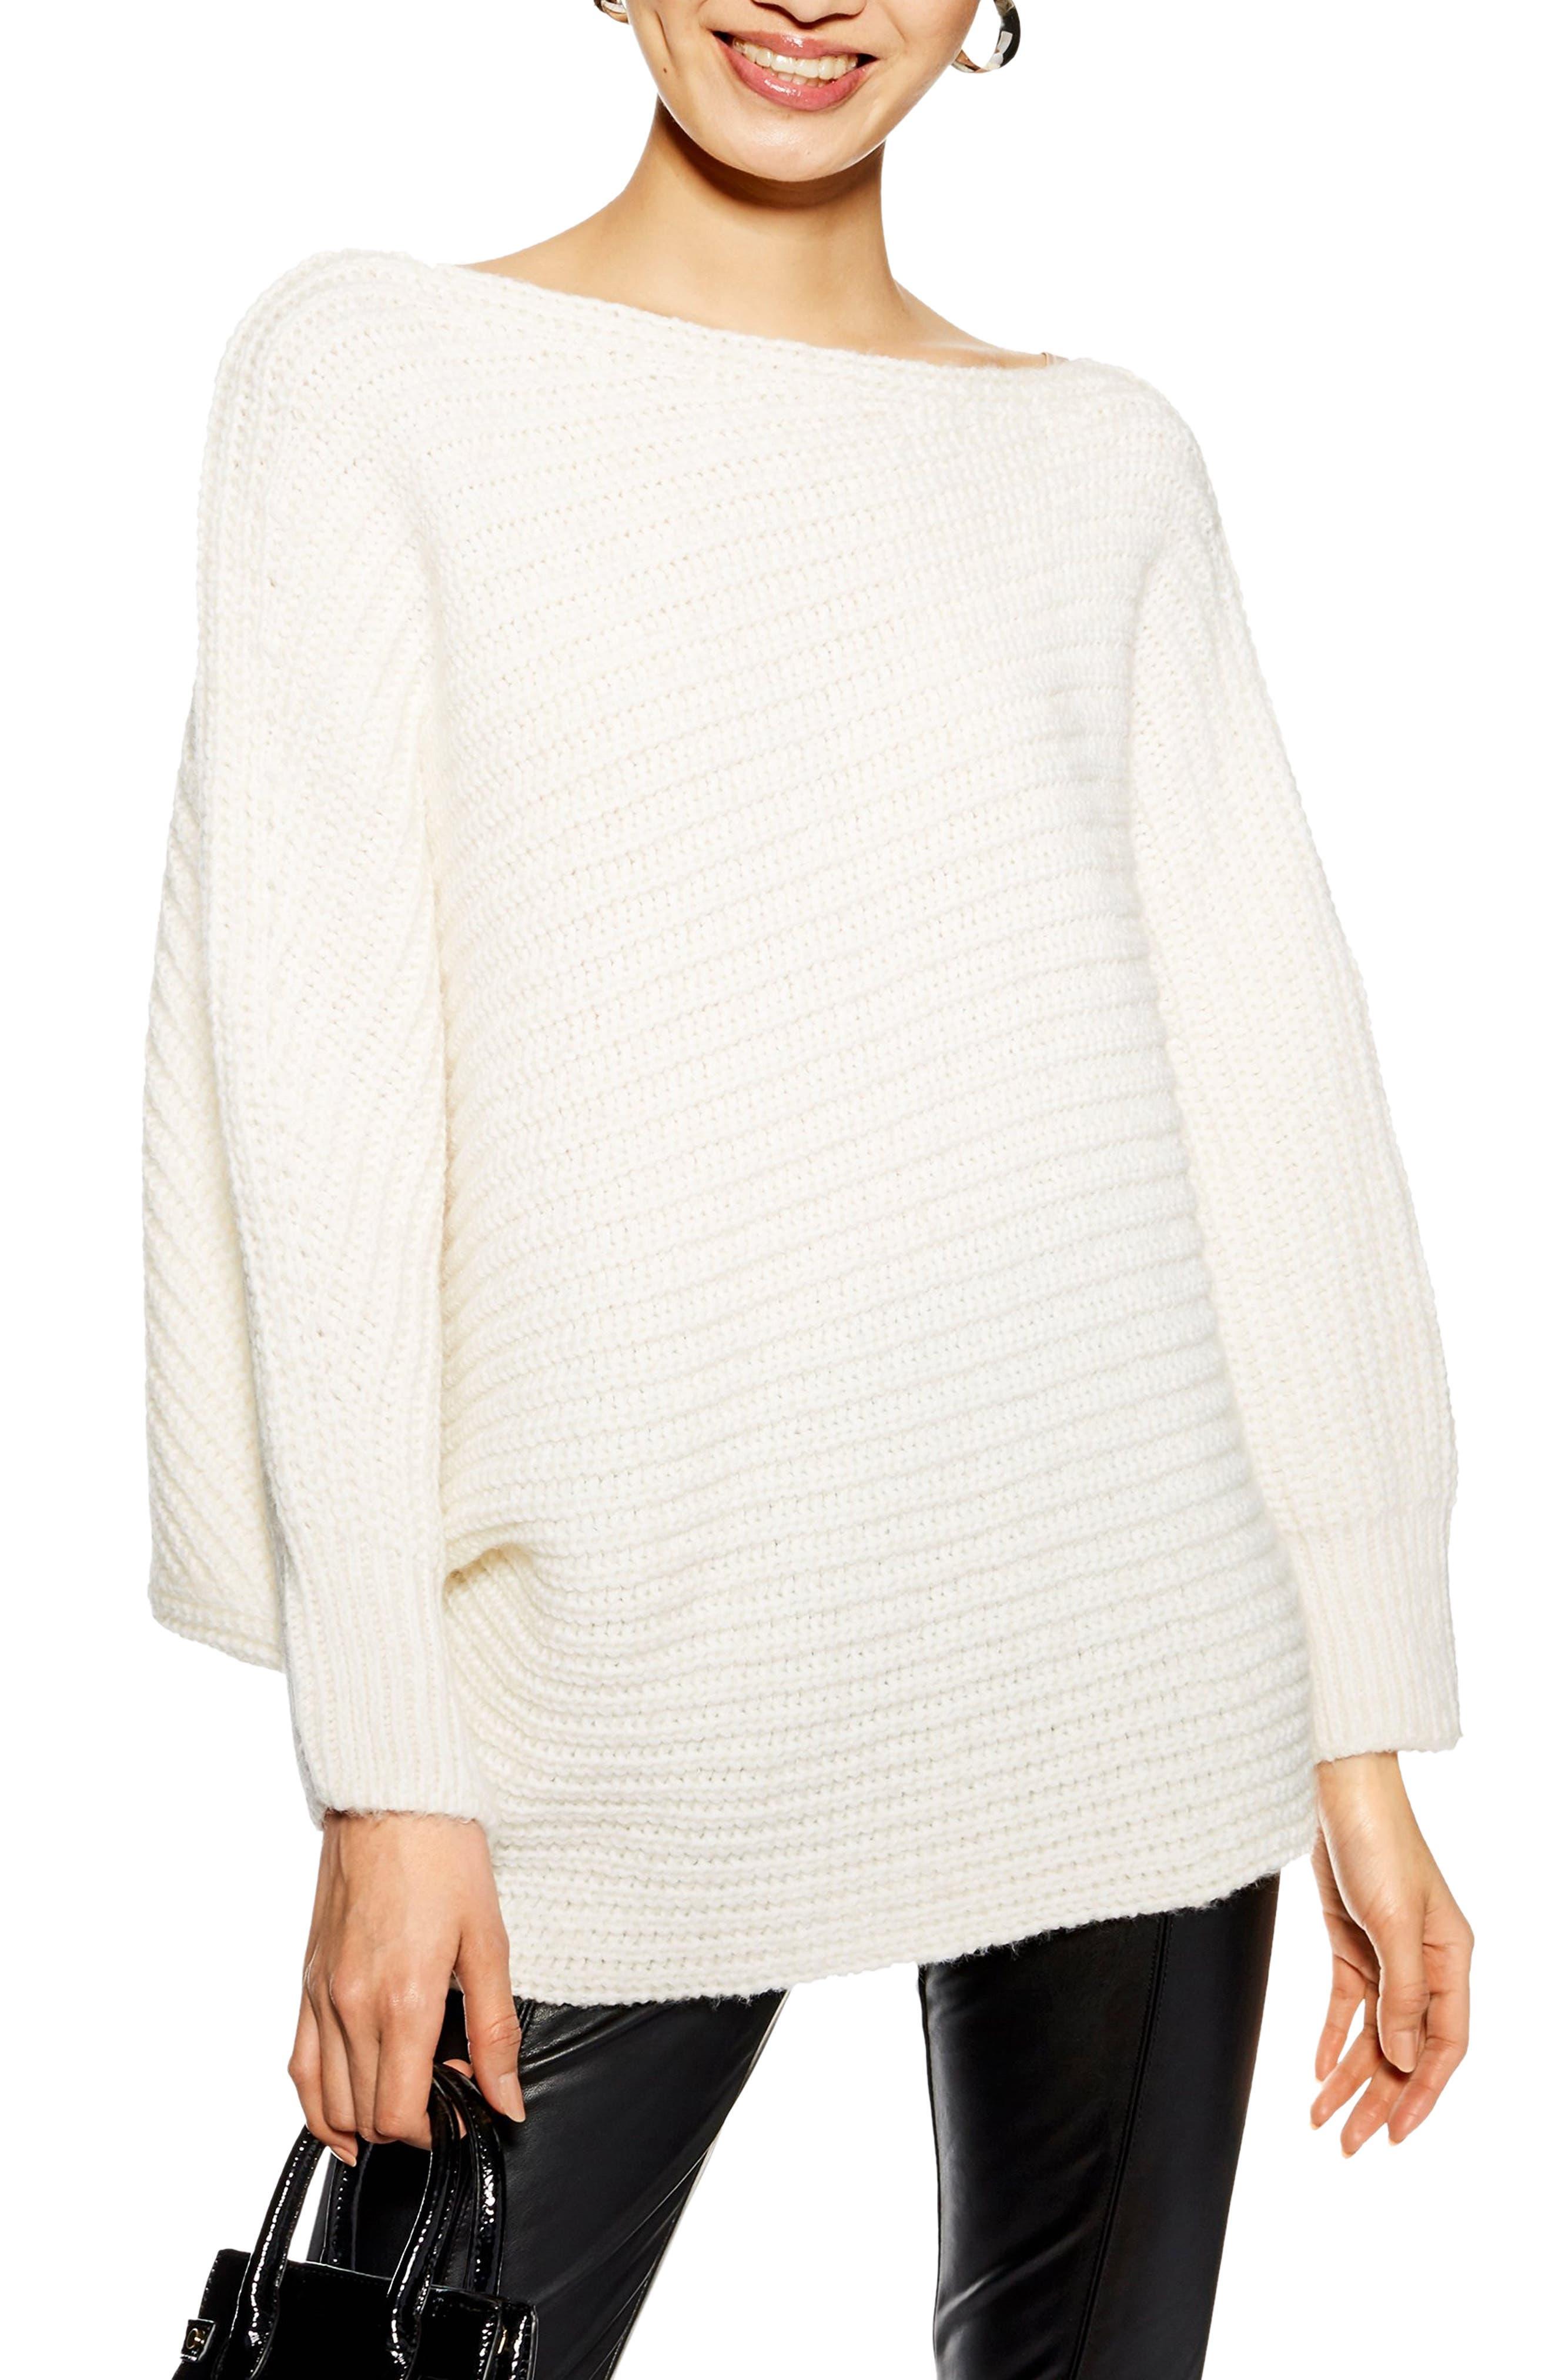 TOPSHOP, Drape Tunic Sweater, Main thumbnail 1, color, IVORY